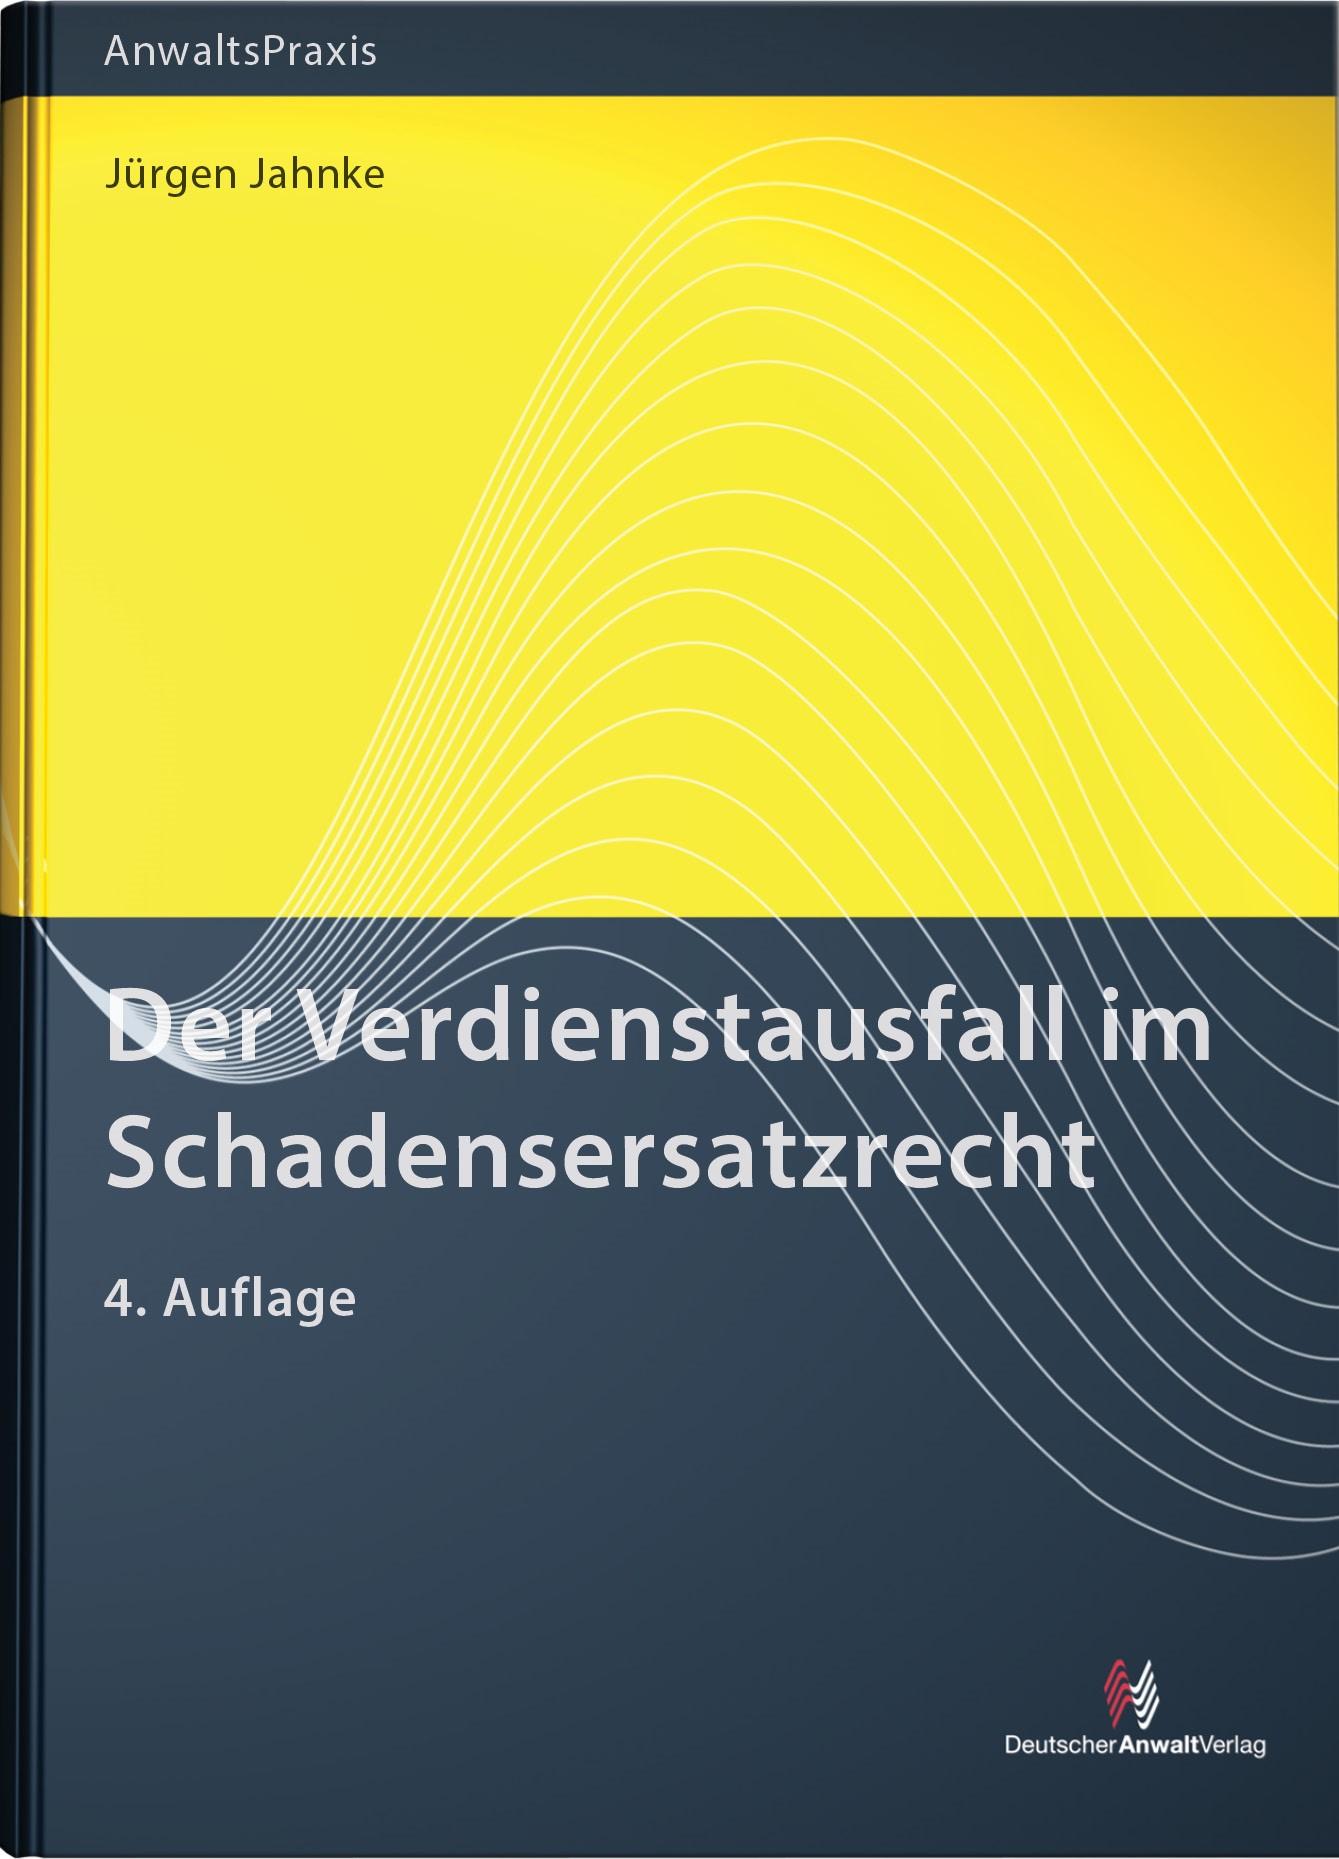 Der Verdienstausfall im Schadenersatzrecht | Jahnke | 4. Auflage, 2014 | Buch (Cover)